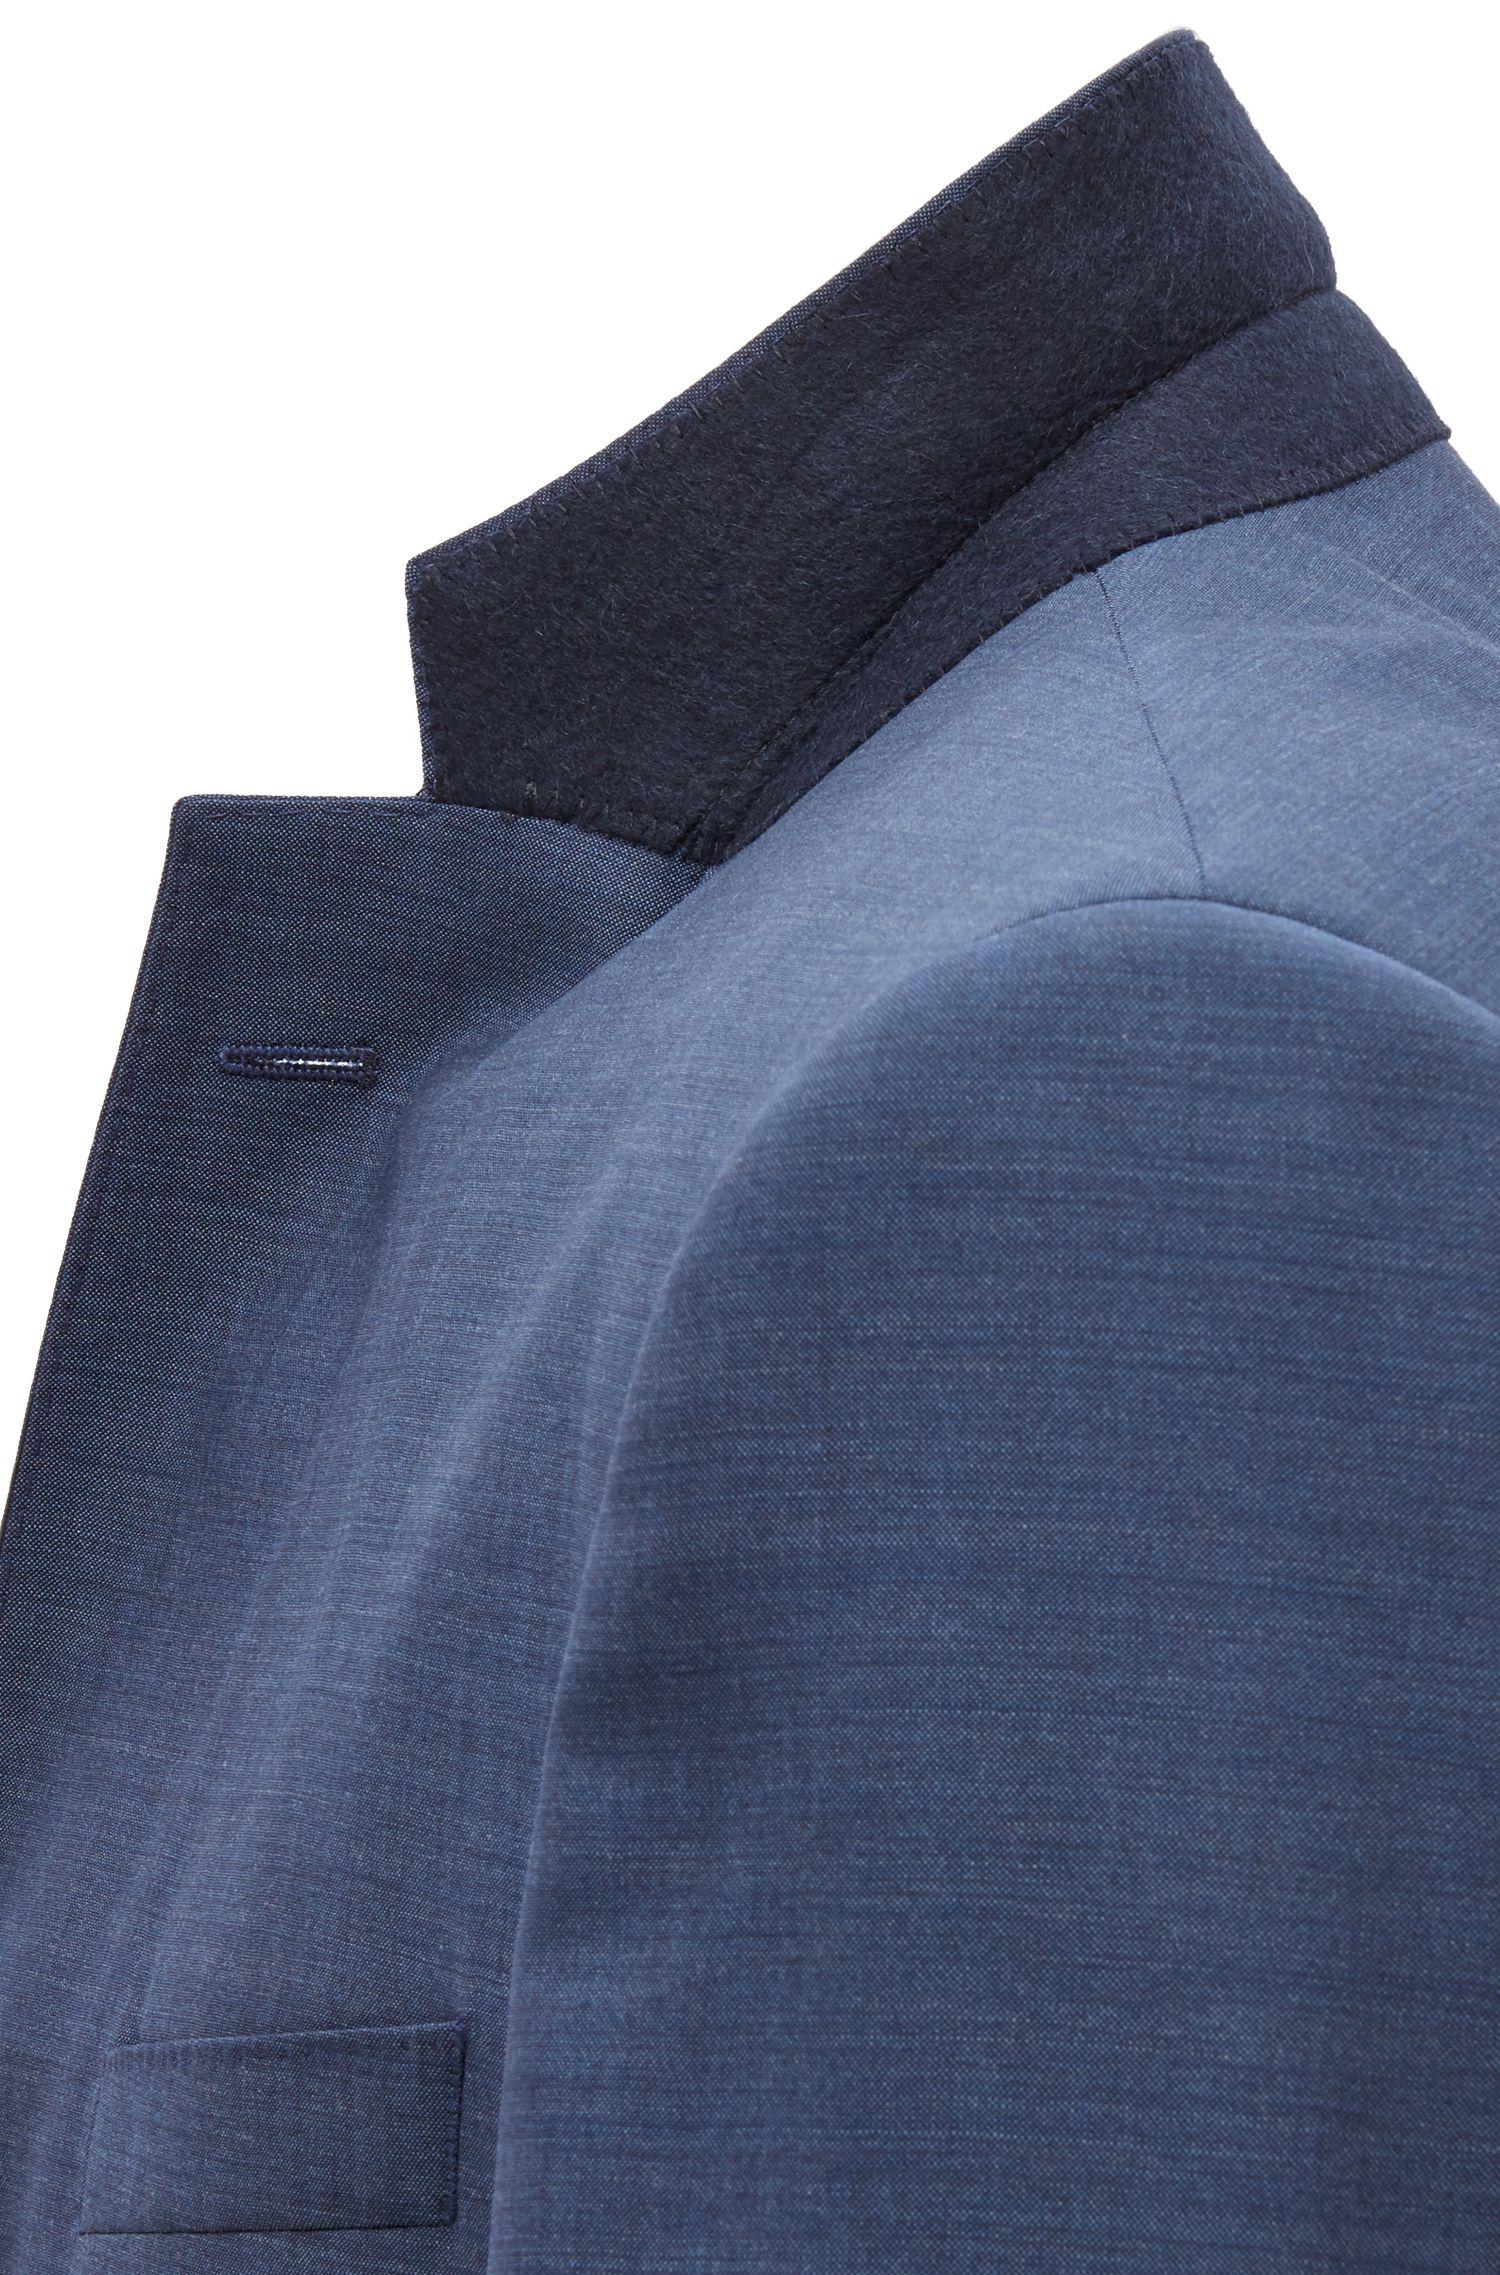 Costume Slim Fit en laine vierge de poids moyen, Bleu foncé